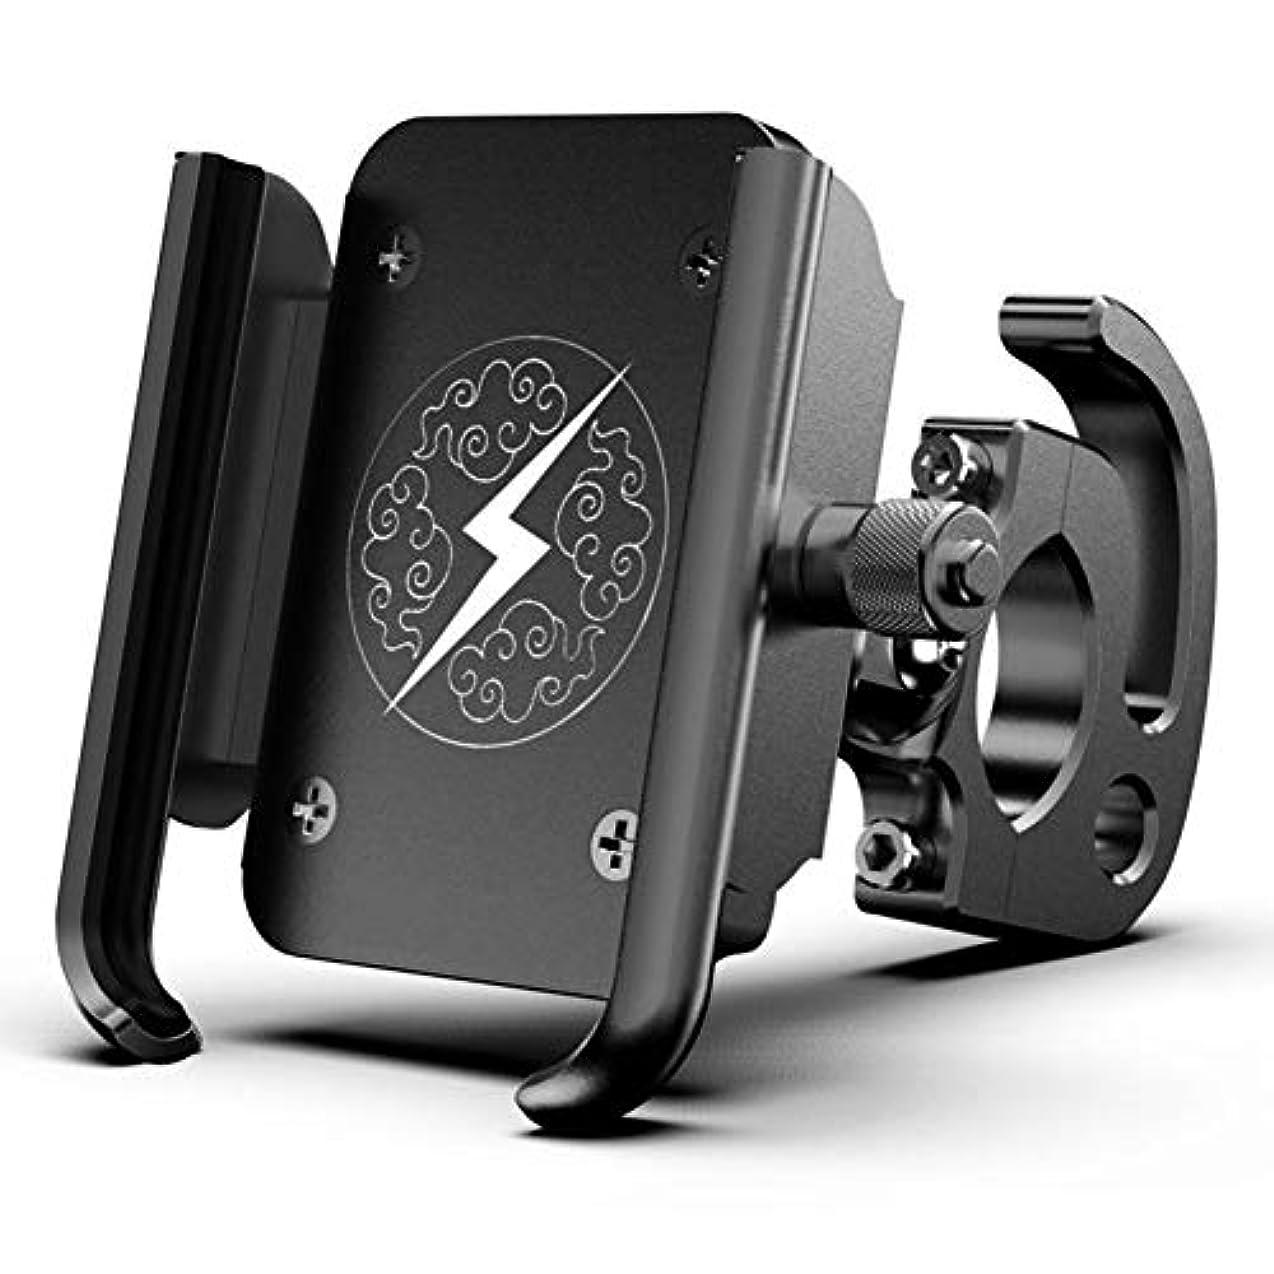 主観的カエル牛自転車オートバイ携帯電話マウントホルダー - 360度回転 フック付きオートバイ車アルミニウム合金携帯電話ブラケット、あらゆるスマートフォンGPS用 - ユニバーサルマウンテンロードバイクオートバイ